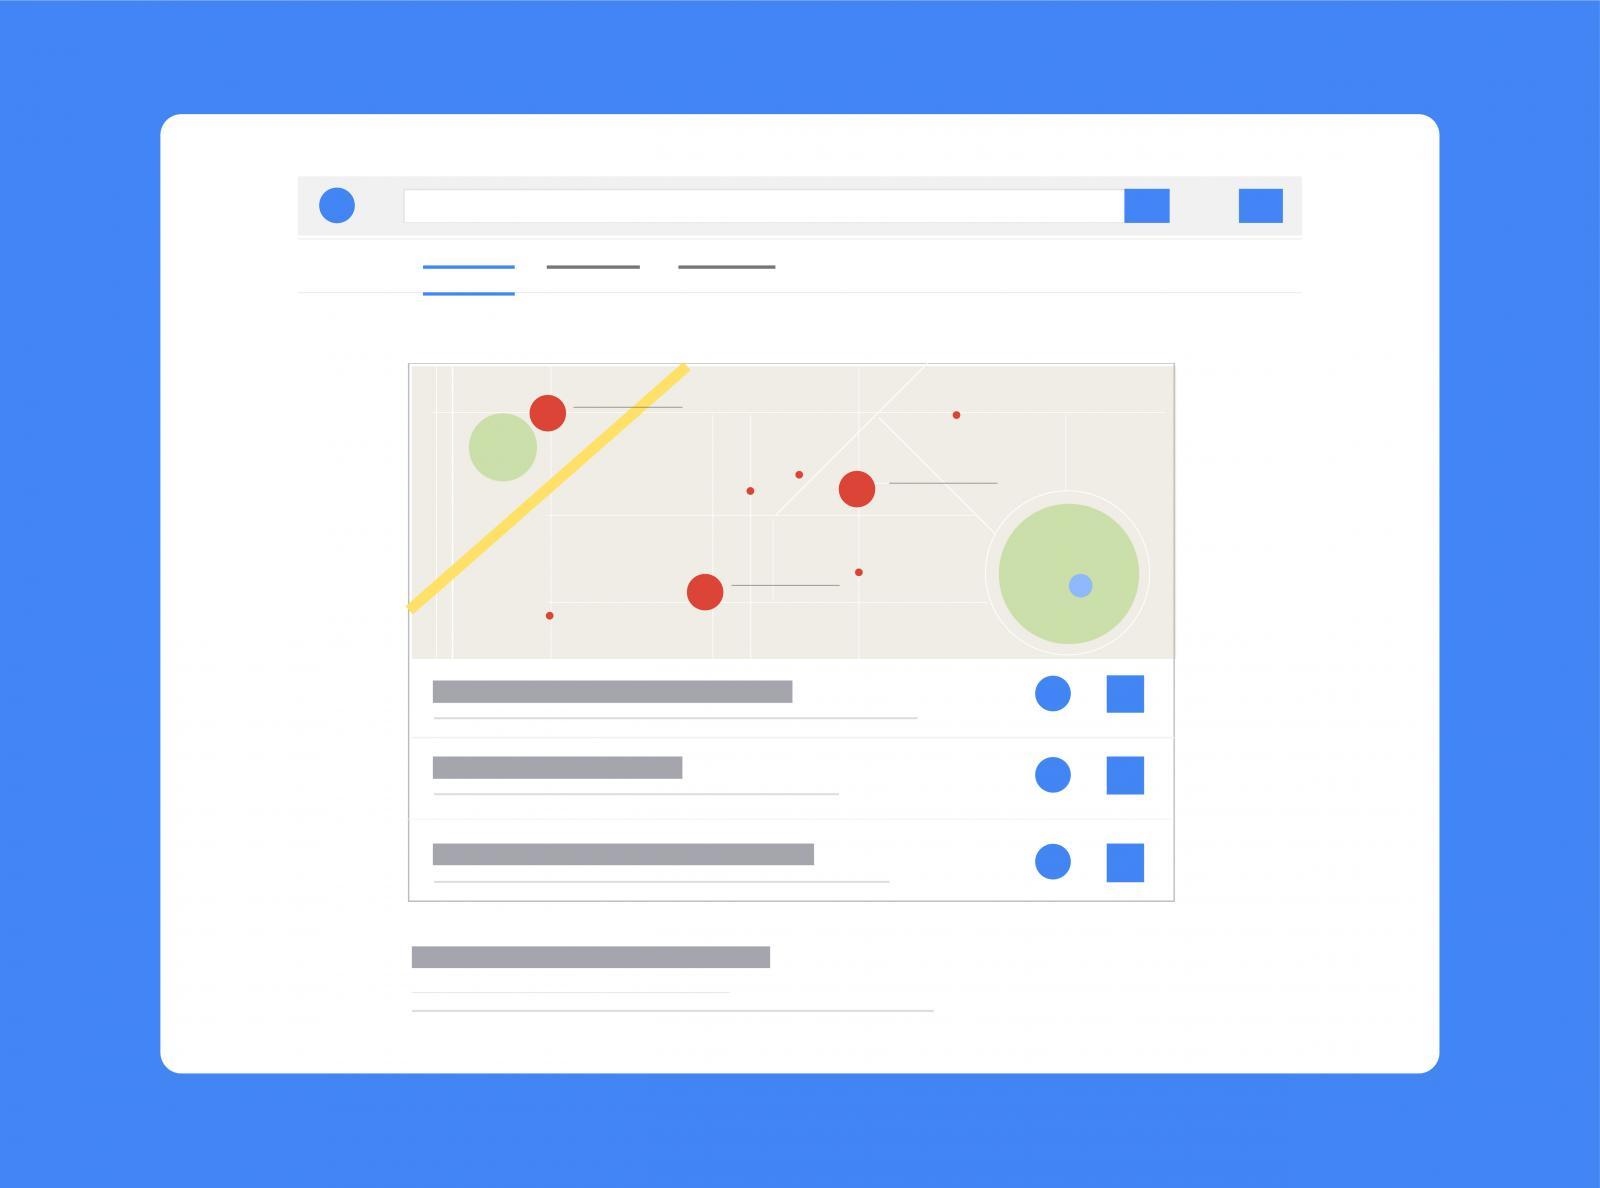 Google Local 3-Pack: ecco come può aiutare la tua attività - cover